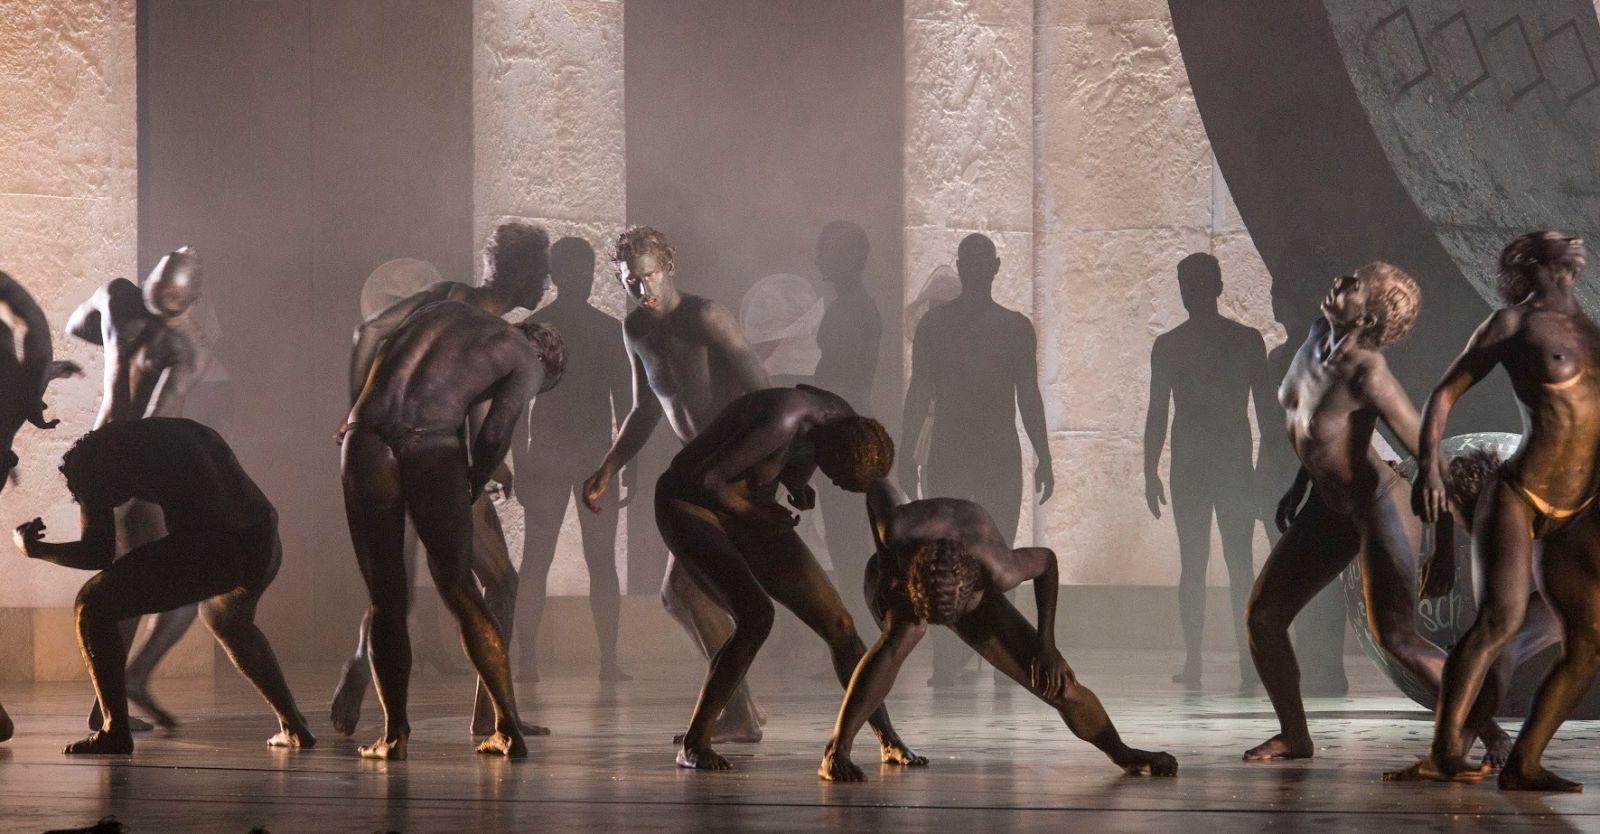 Театр с голыми актрисами, полная версия спектакля с голыми артистами на сцене 12 фотография